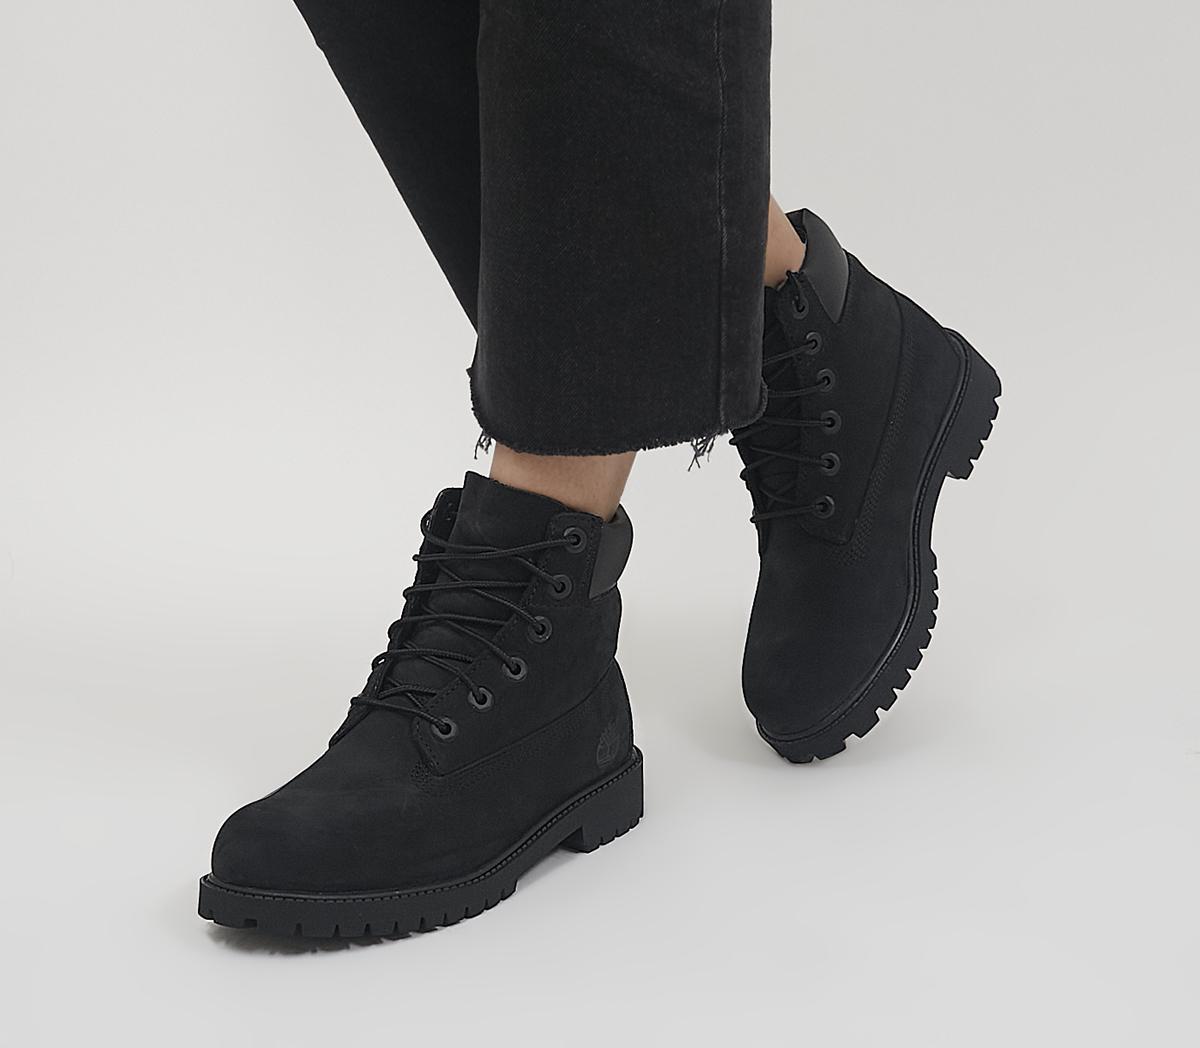 Juniors 6 Inch Premium Waterproof Boots